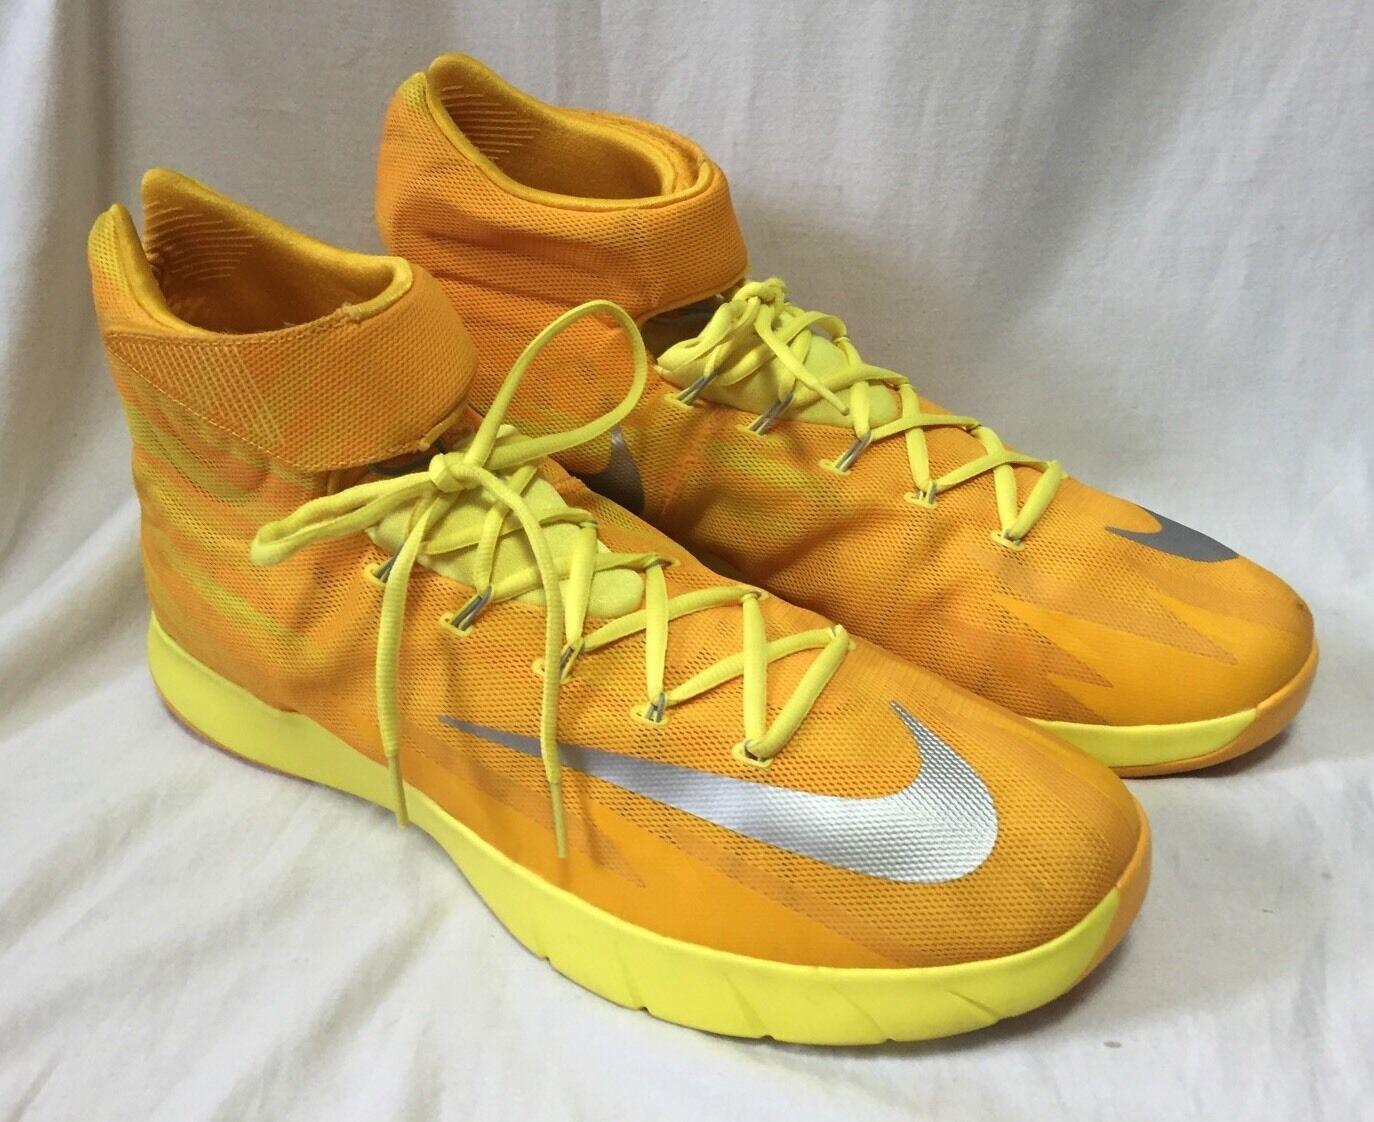 Nike zoom hyperrev hi - top basket scarpe uomini 643301 giallo d'argento